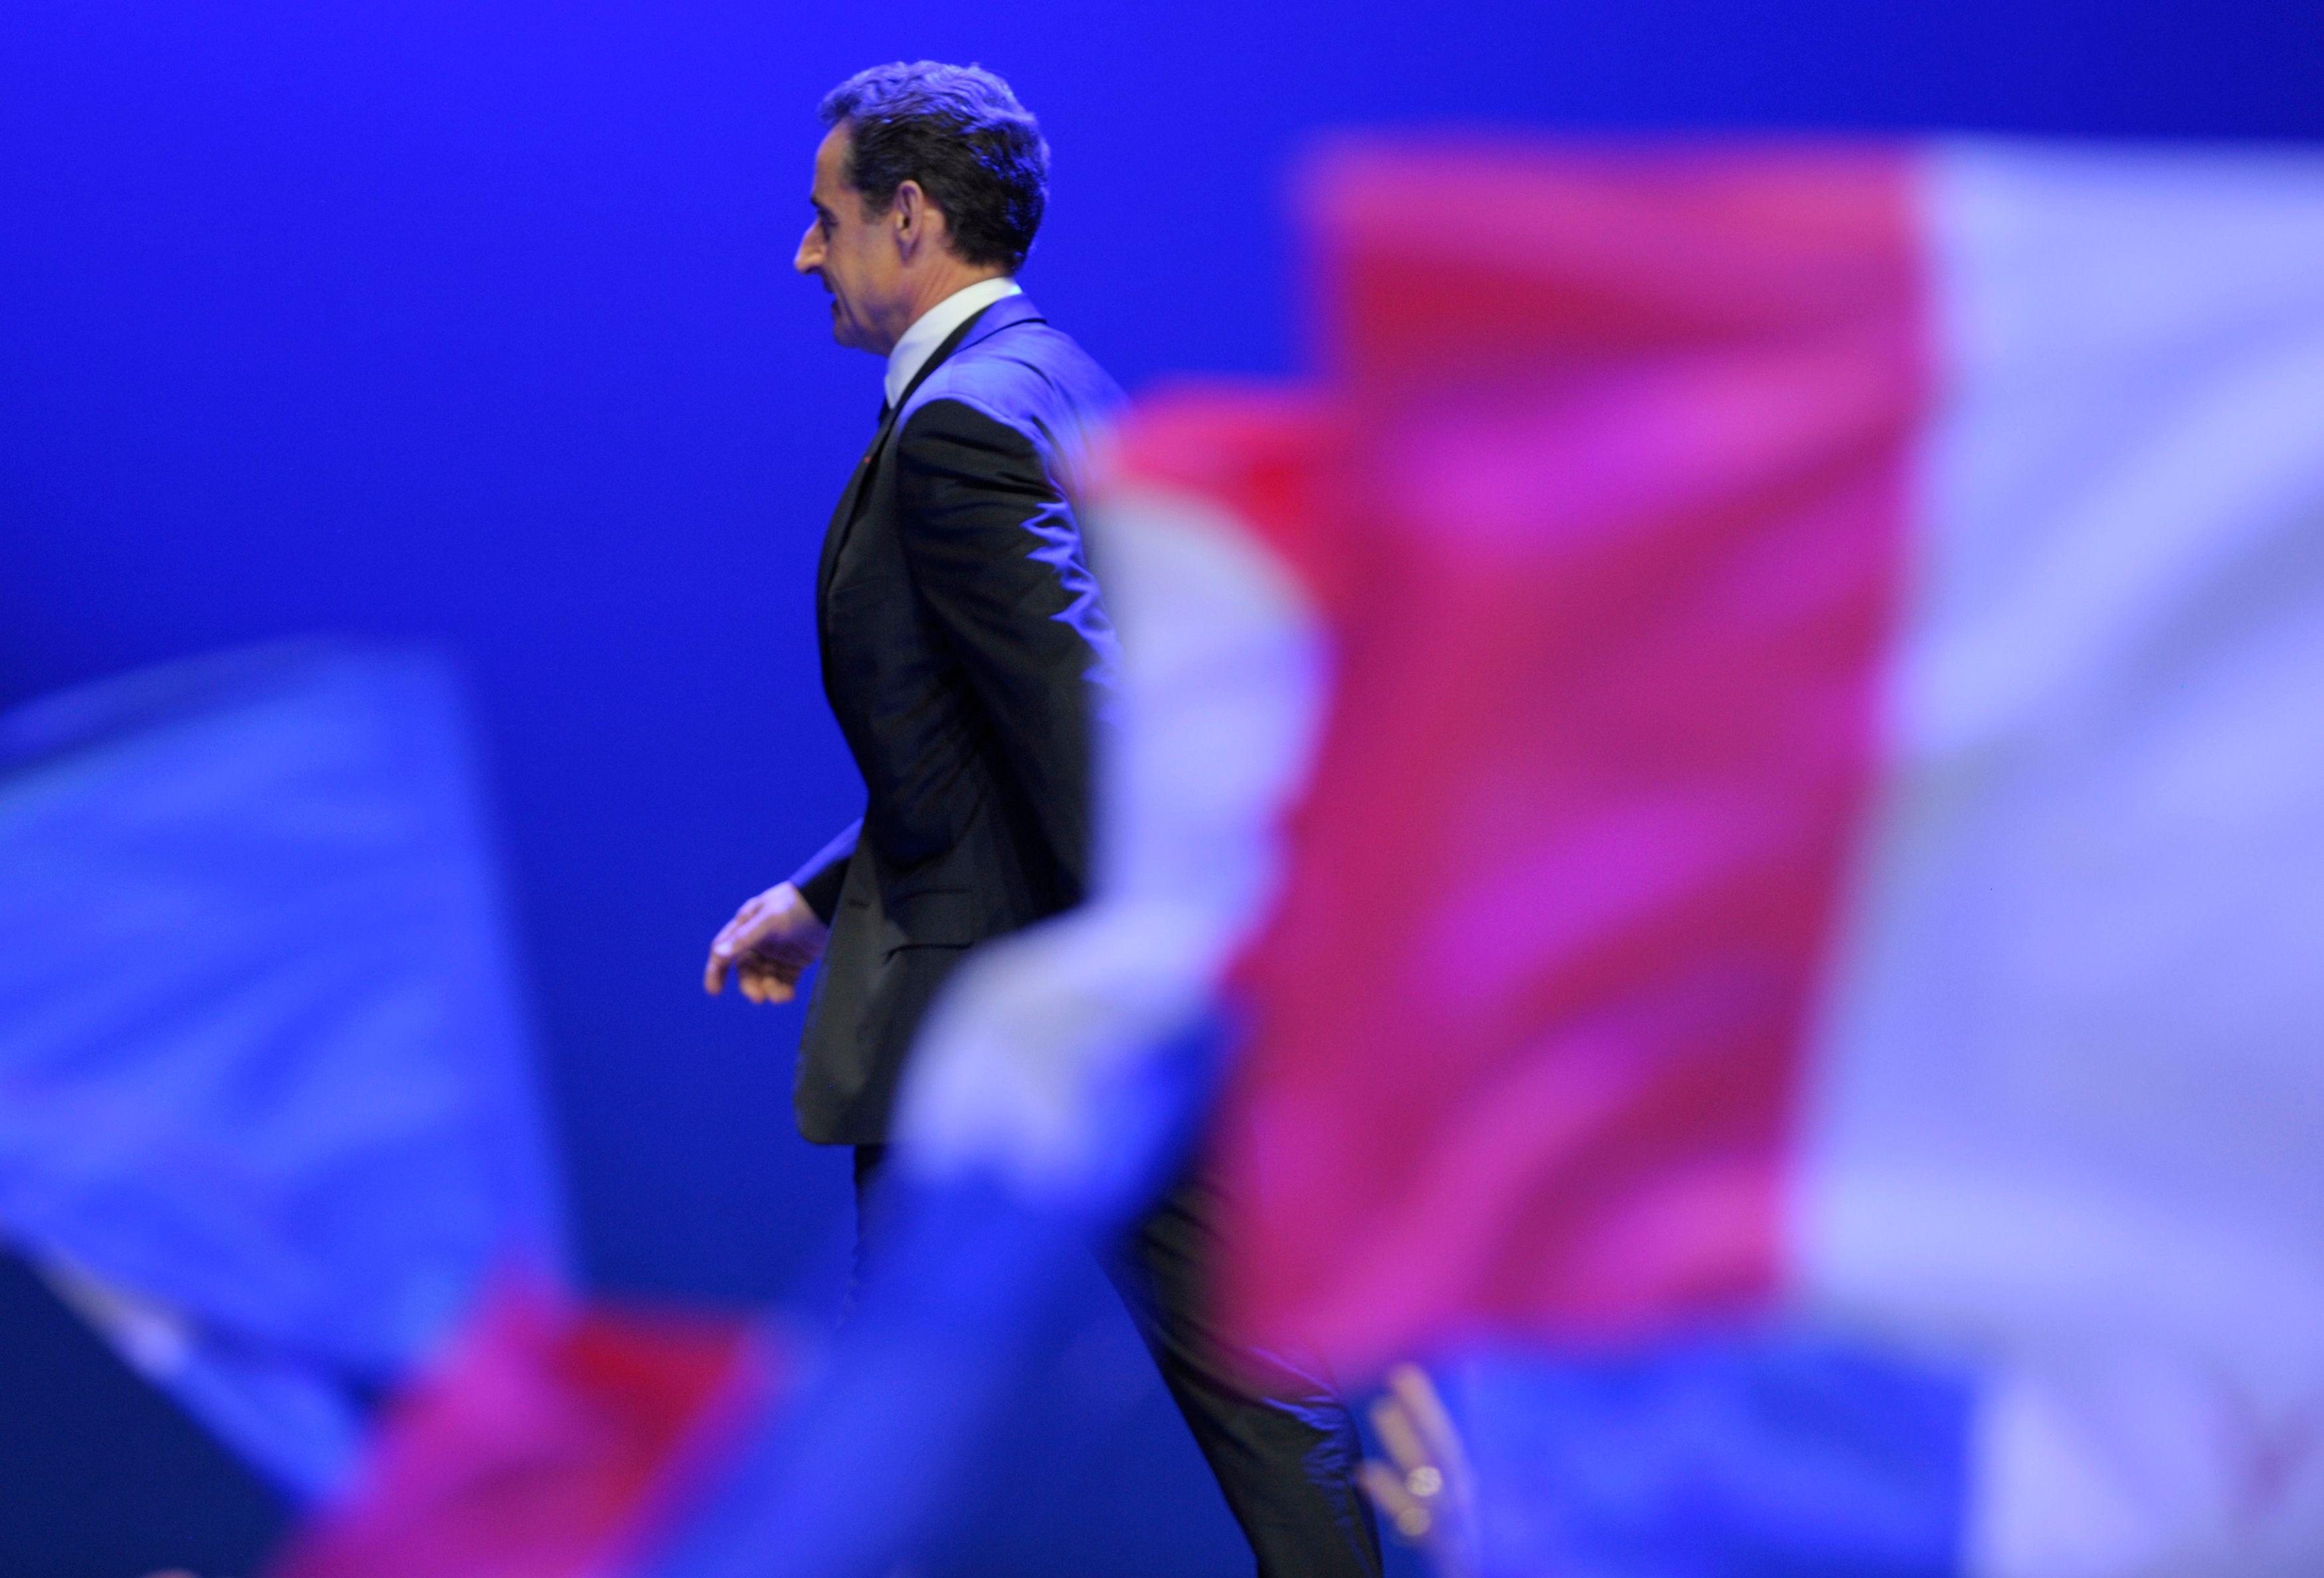 """Affaire Bygmalion : Jérôme Lavrilleux reconnaît des """"dérapages"""" financiers, l'ex-trésorier de Sarkozy conteste la version de l'avocat"""